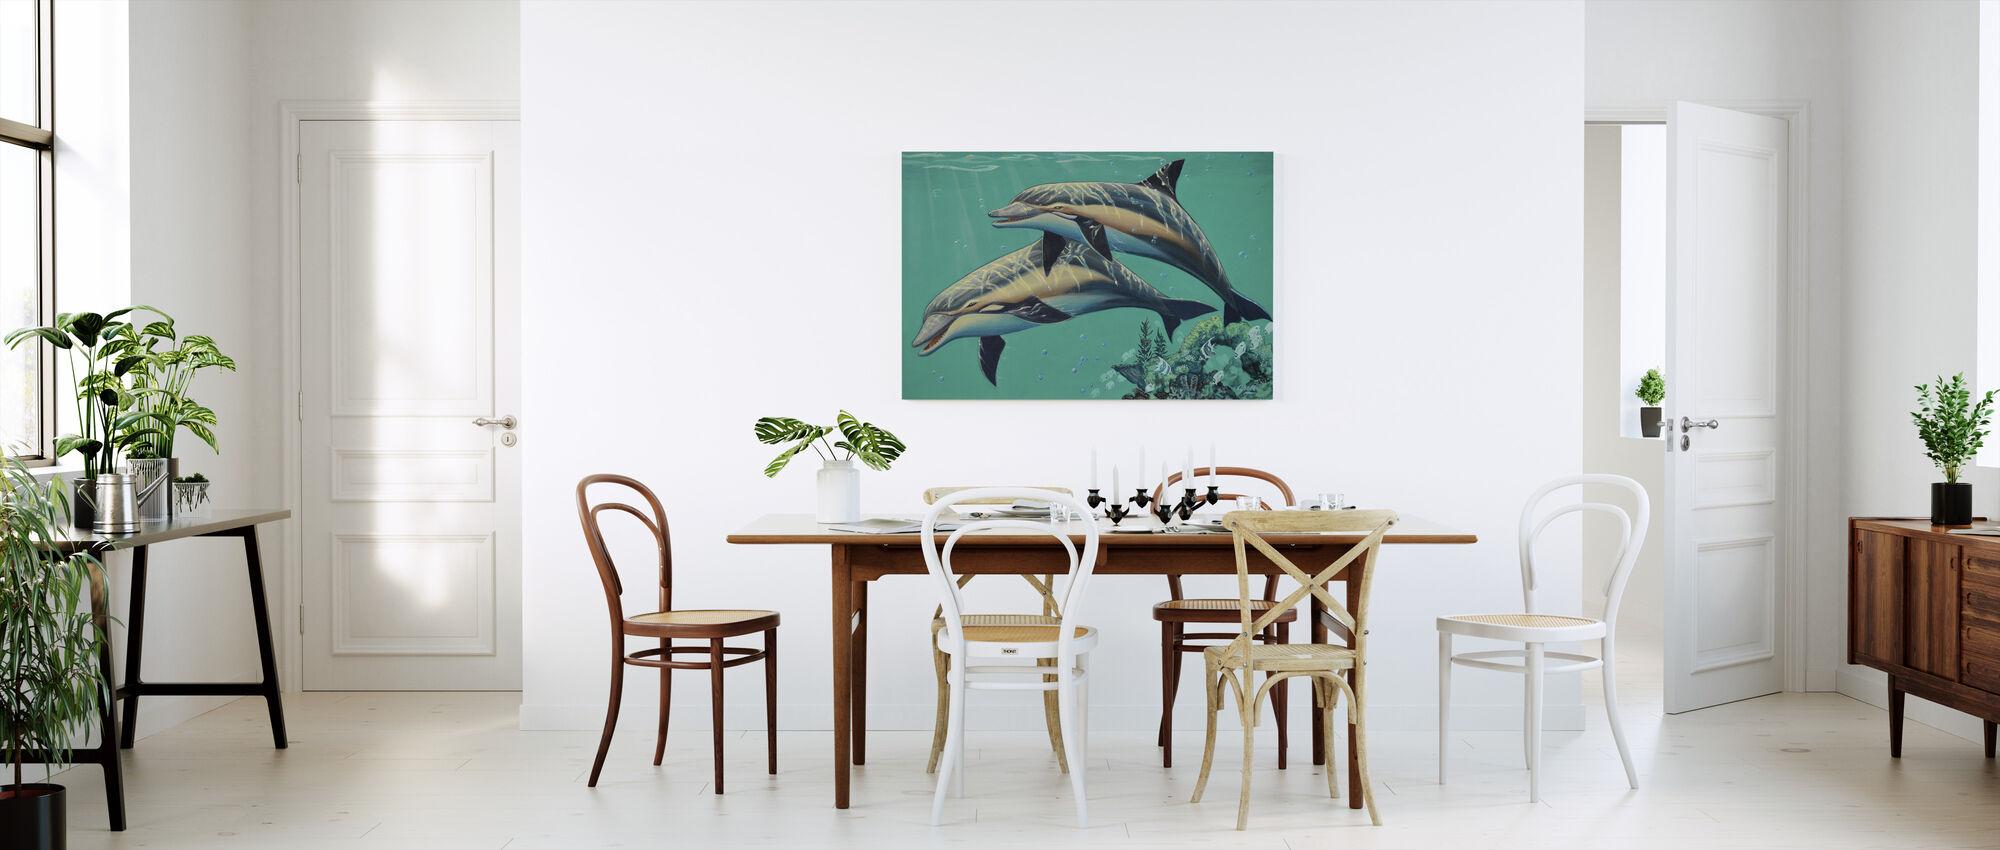 Vanliga Delfiner - Canvastavla - Kök